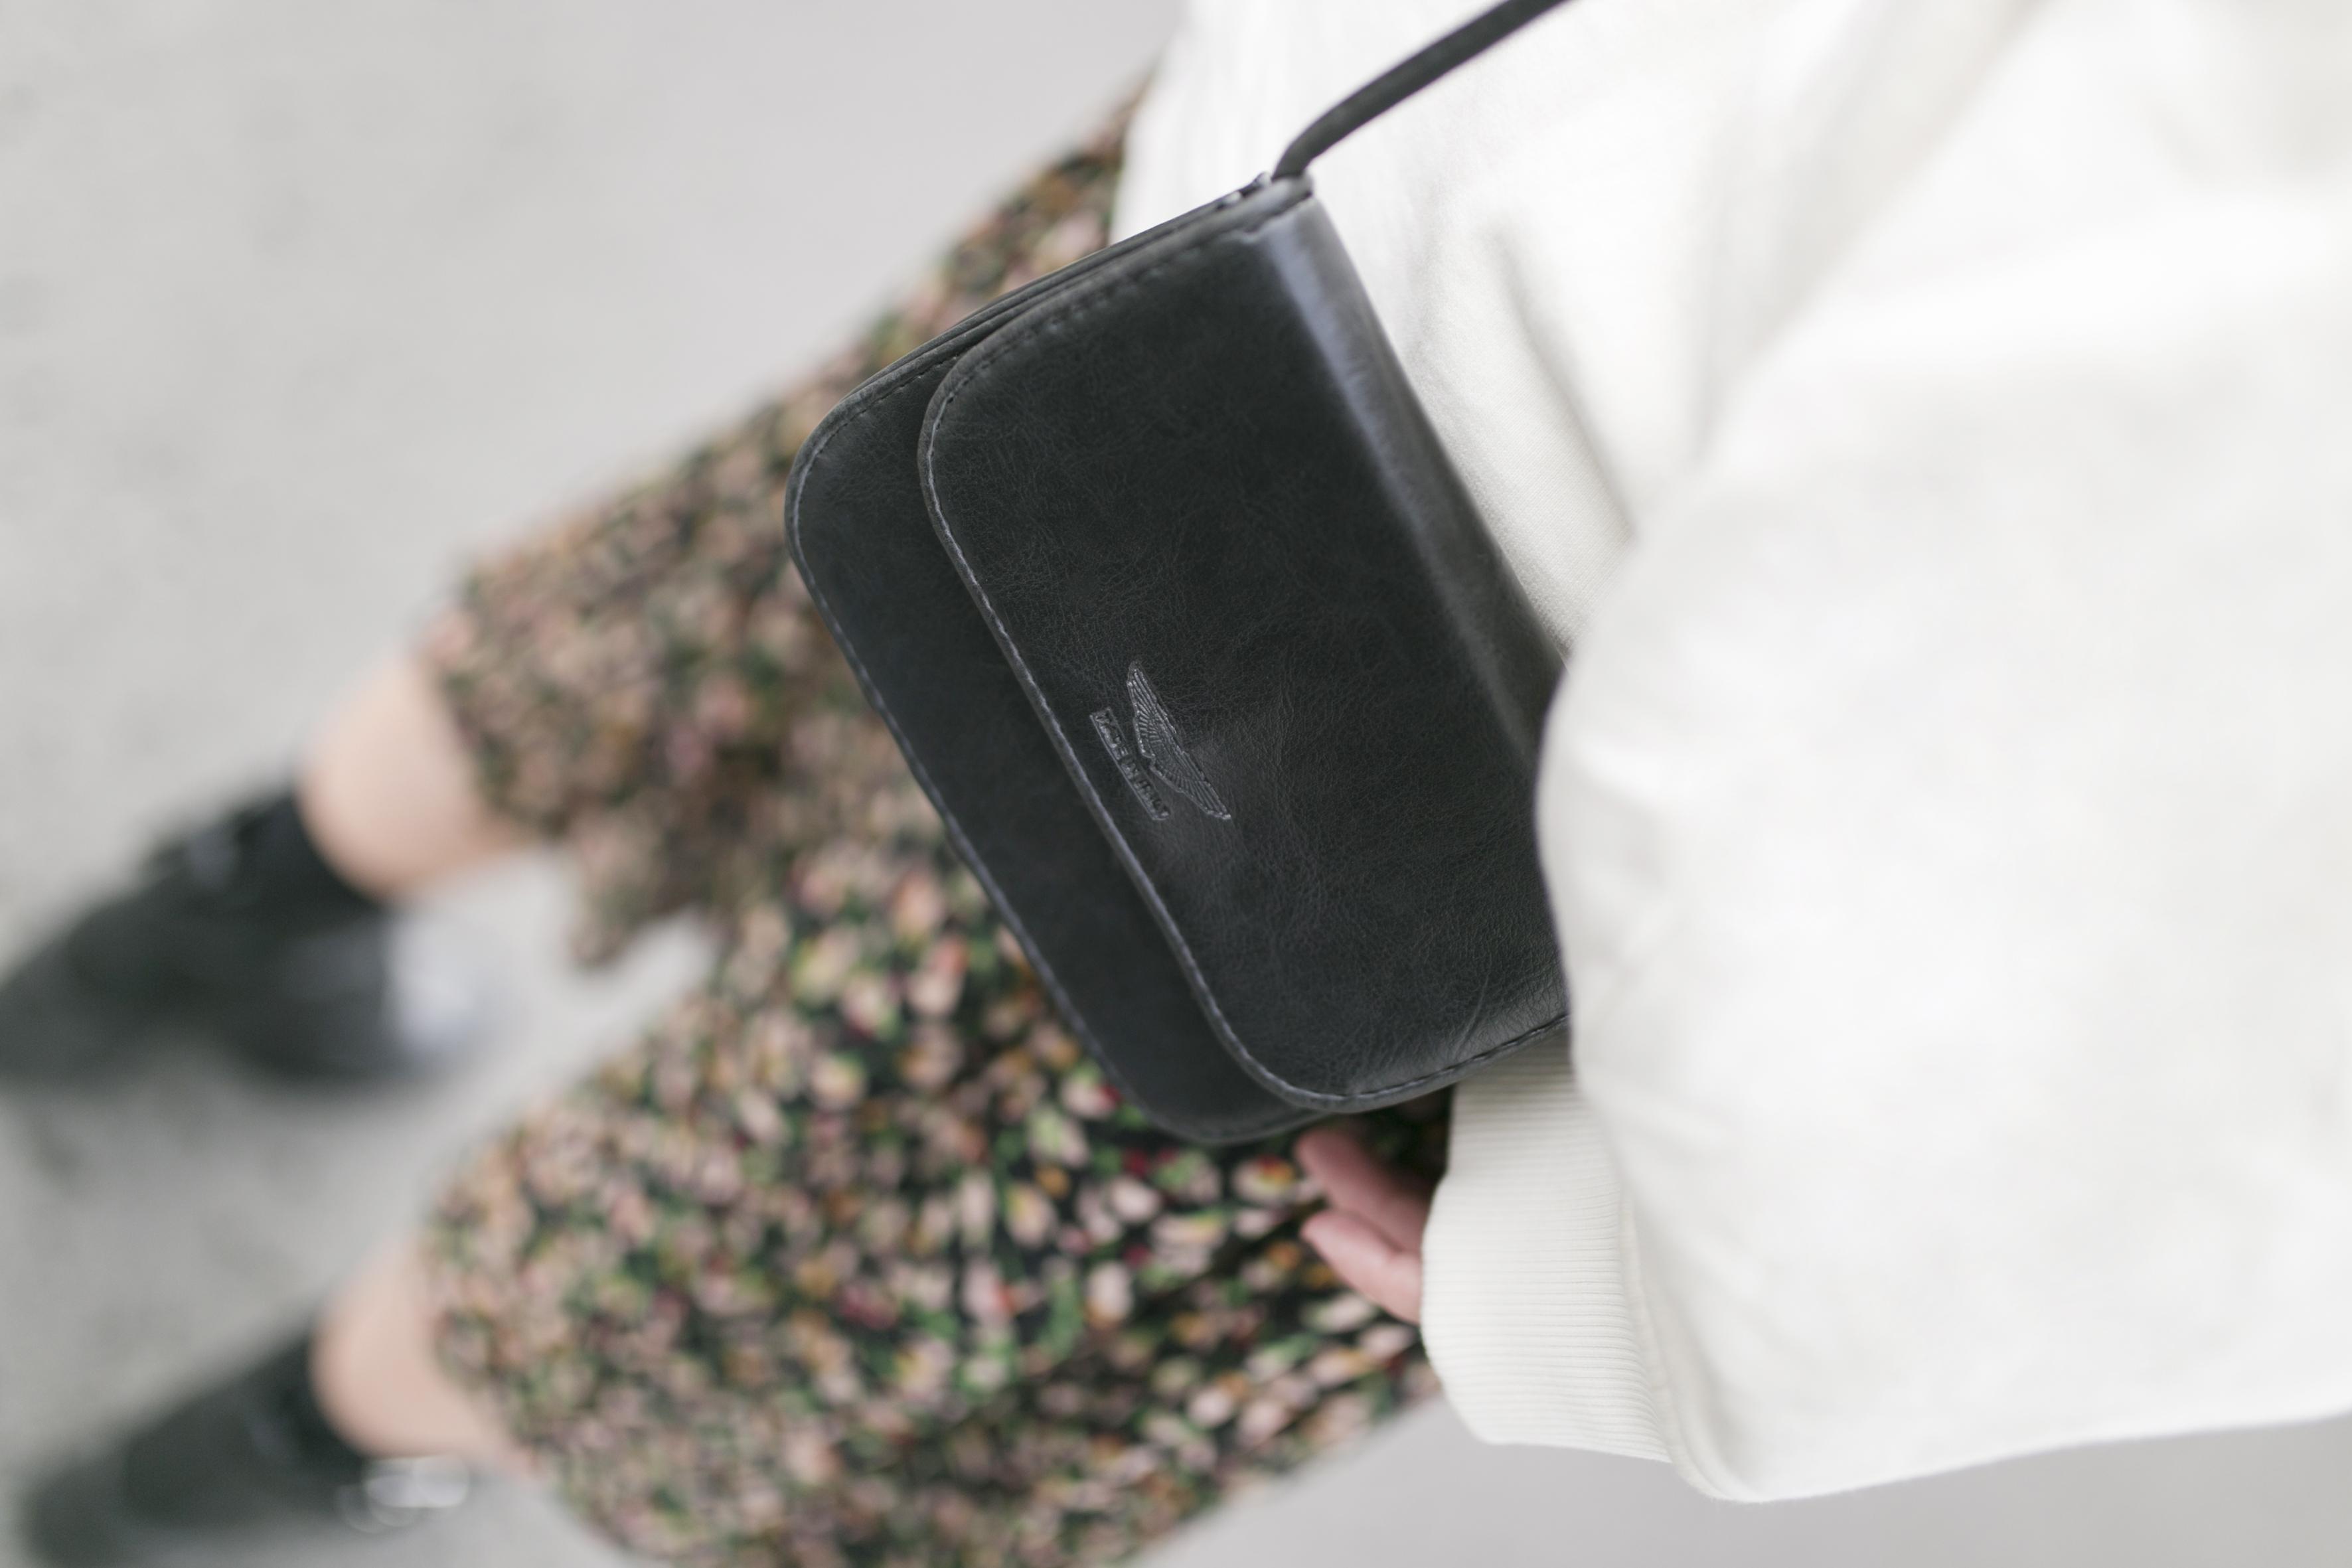 vintage-bag-moda-calle-descalzaporelparque-rebajas Zara-Acne Studios- fashion-streetstyle-blogger- Zara Dress